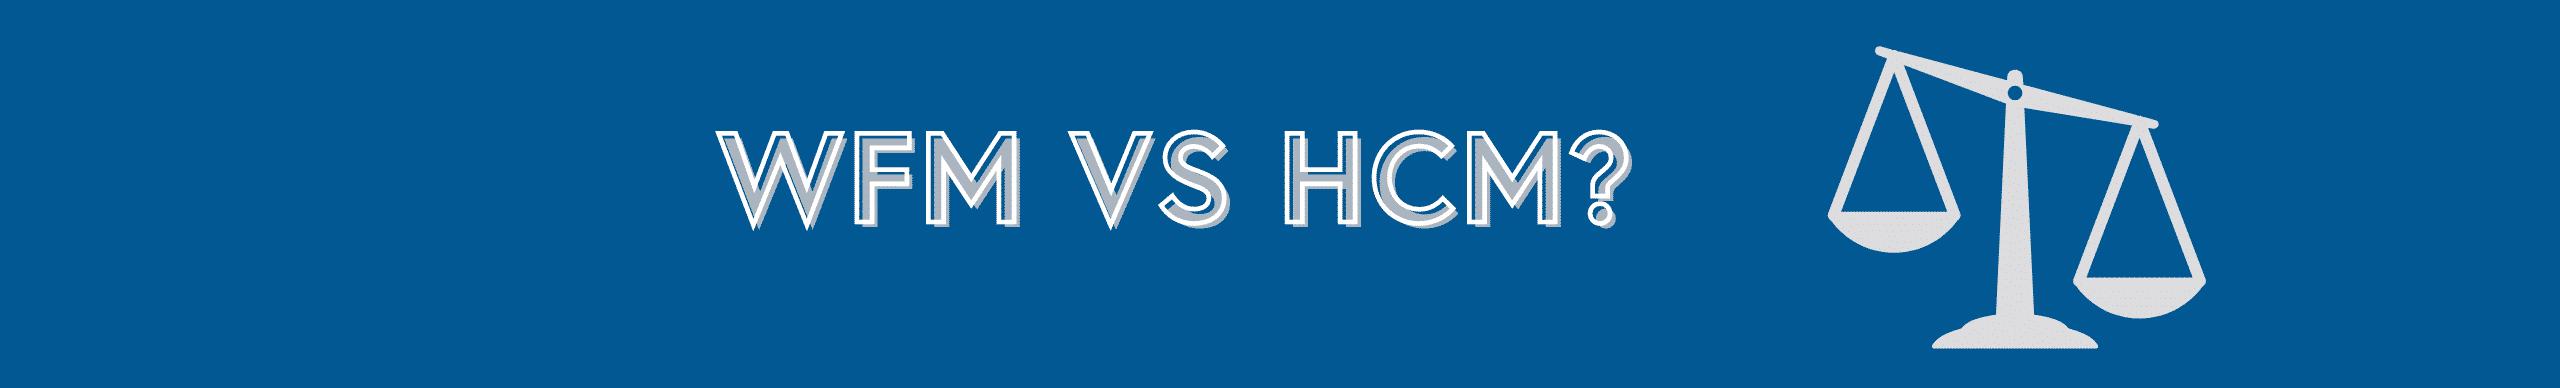 WFM VS HCM – Advantages and Challenges